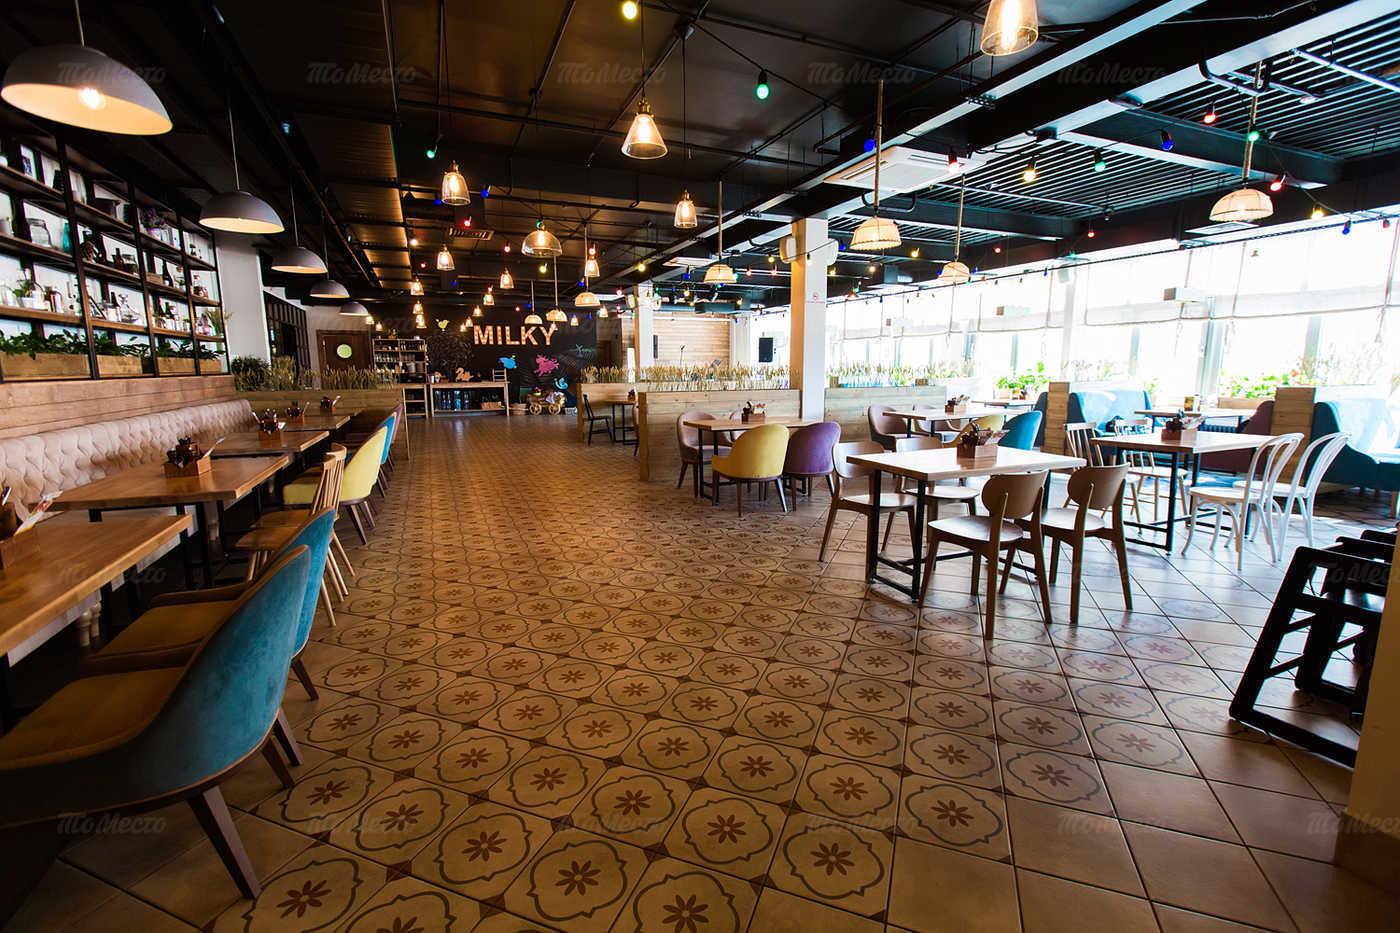 Банкеты ресторана Милки (Milky) на Красносельском шоссе фото 9